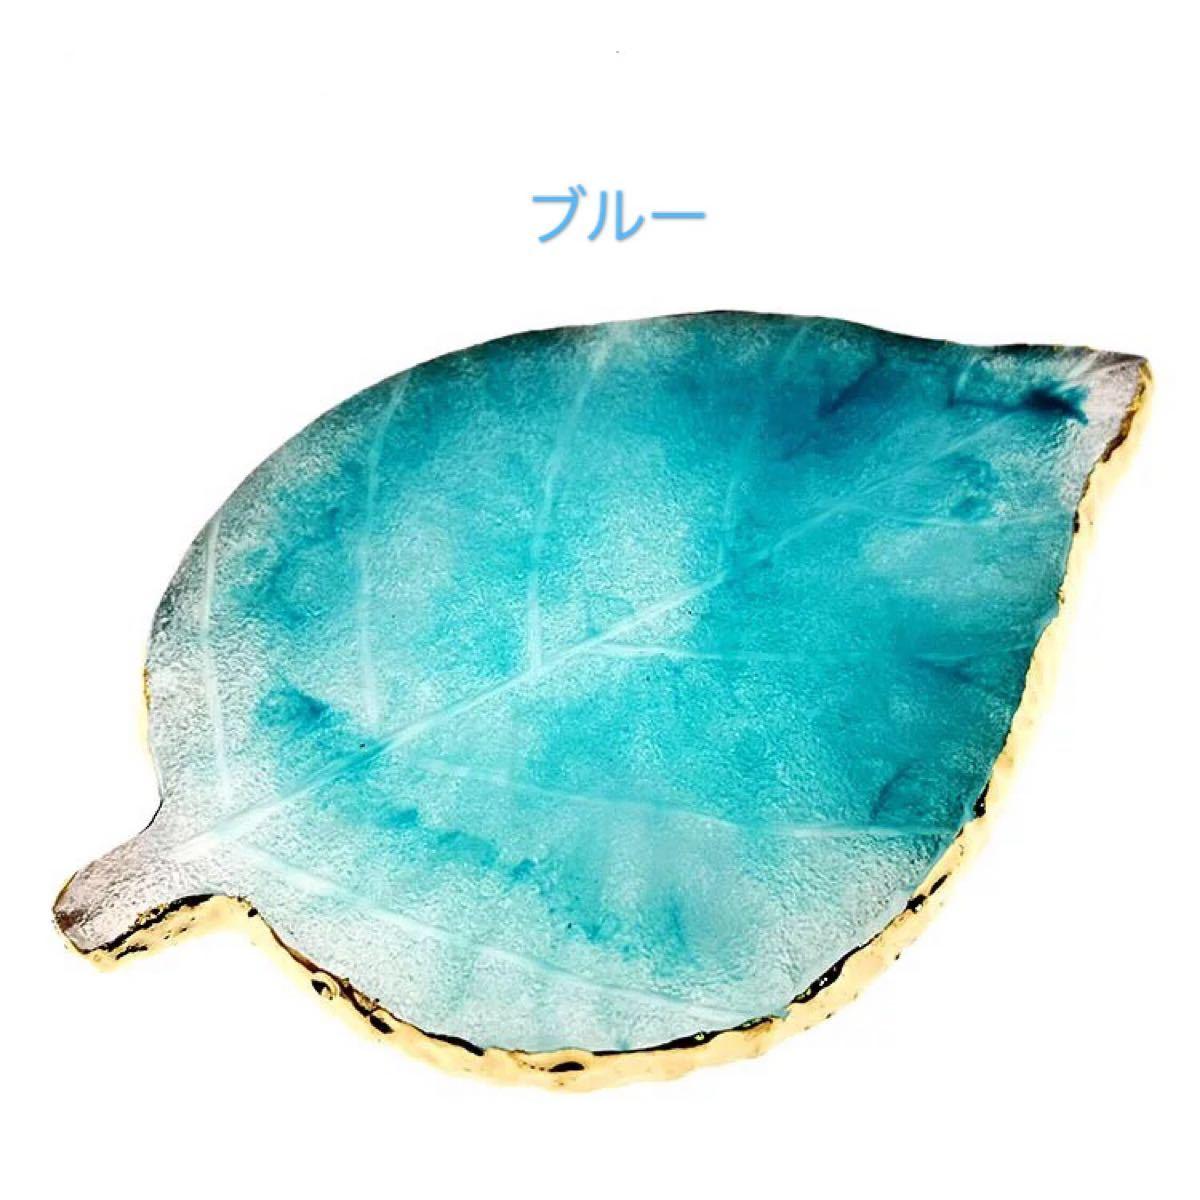 インスタ映え大理石風リーフ型ネイルアートパレット 6色